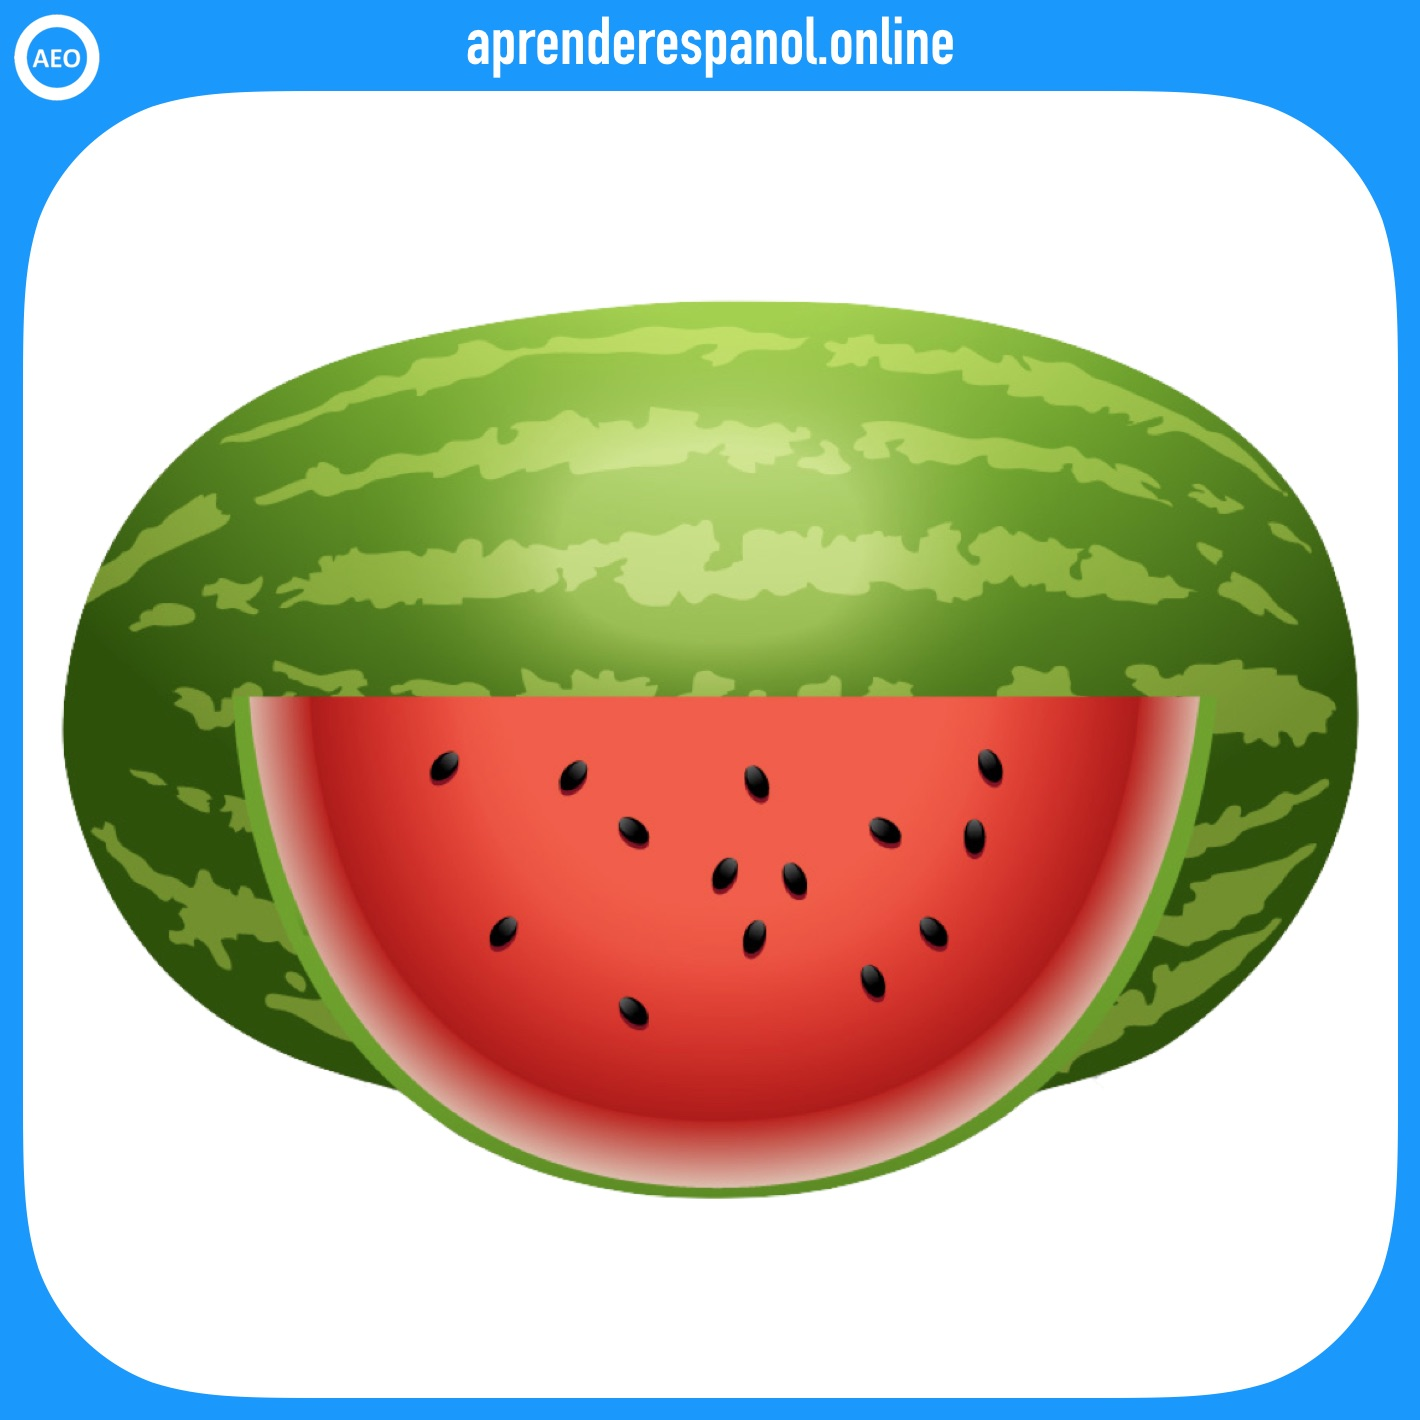 sandía - frutas en español - vocabulario de las frutas en español